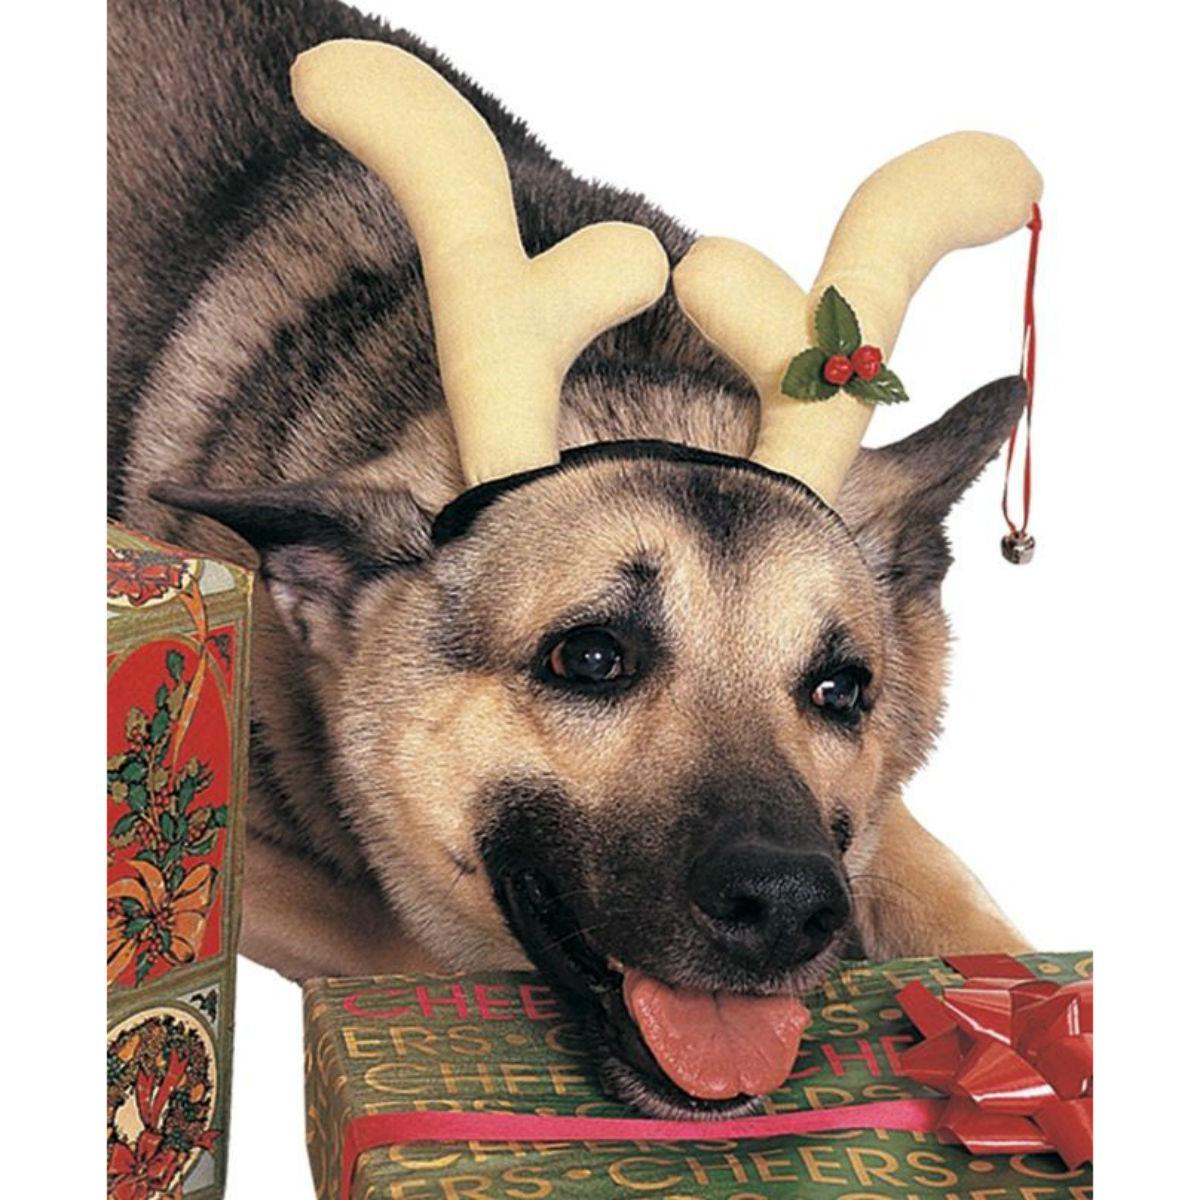 Reindeer Antlers Dog Costume by Rubies